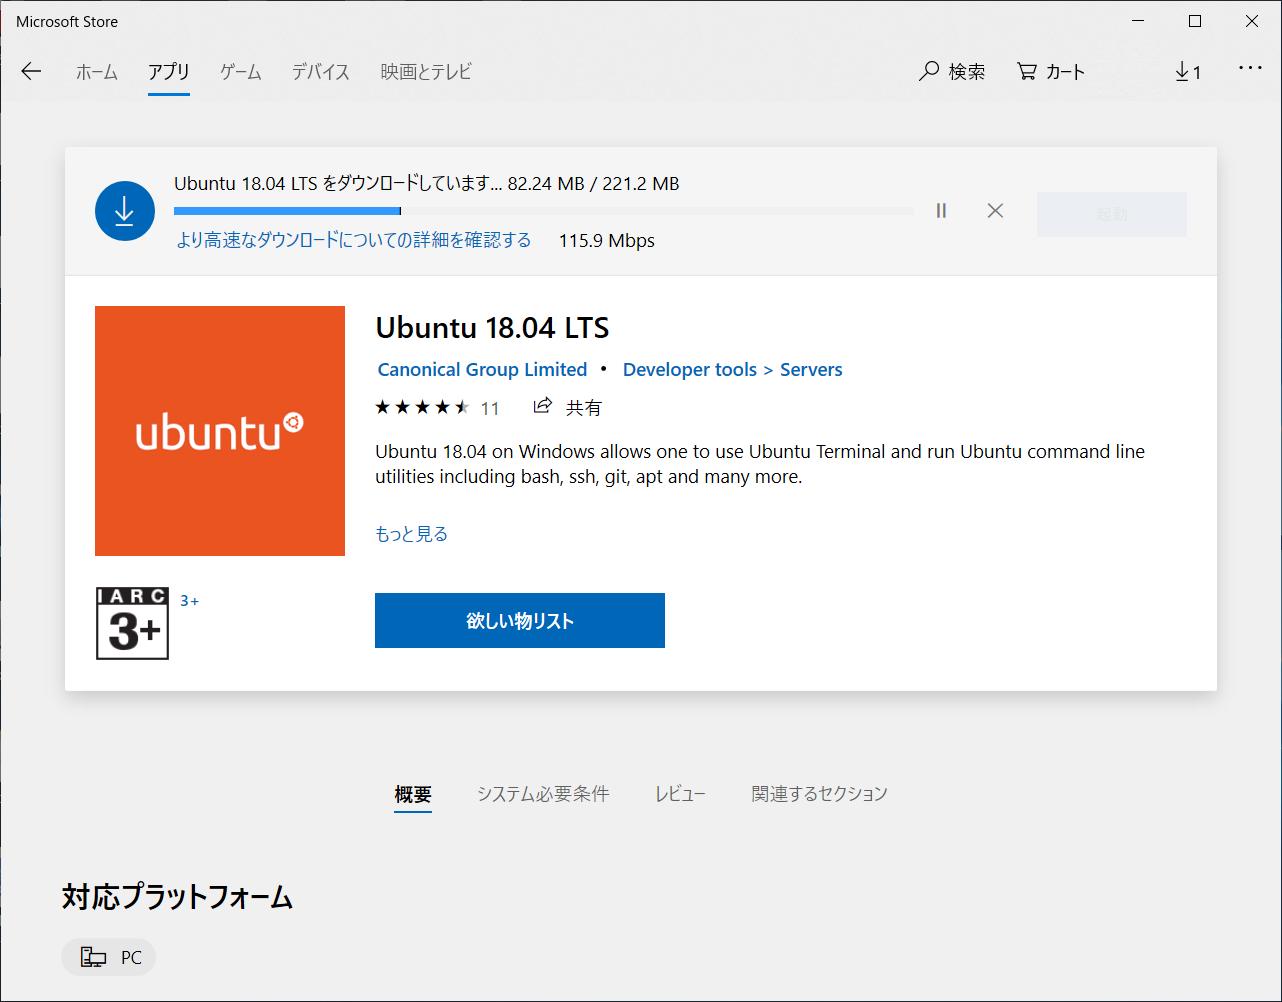 ubuntu_store.png